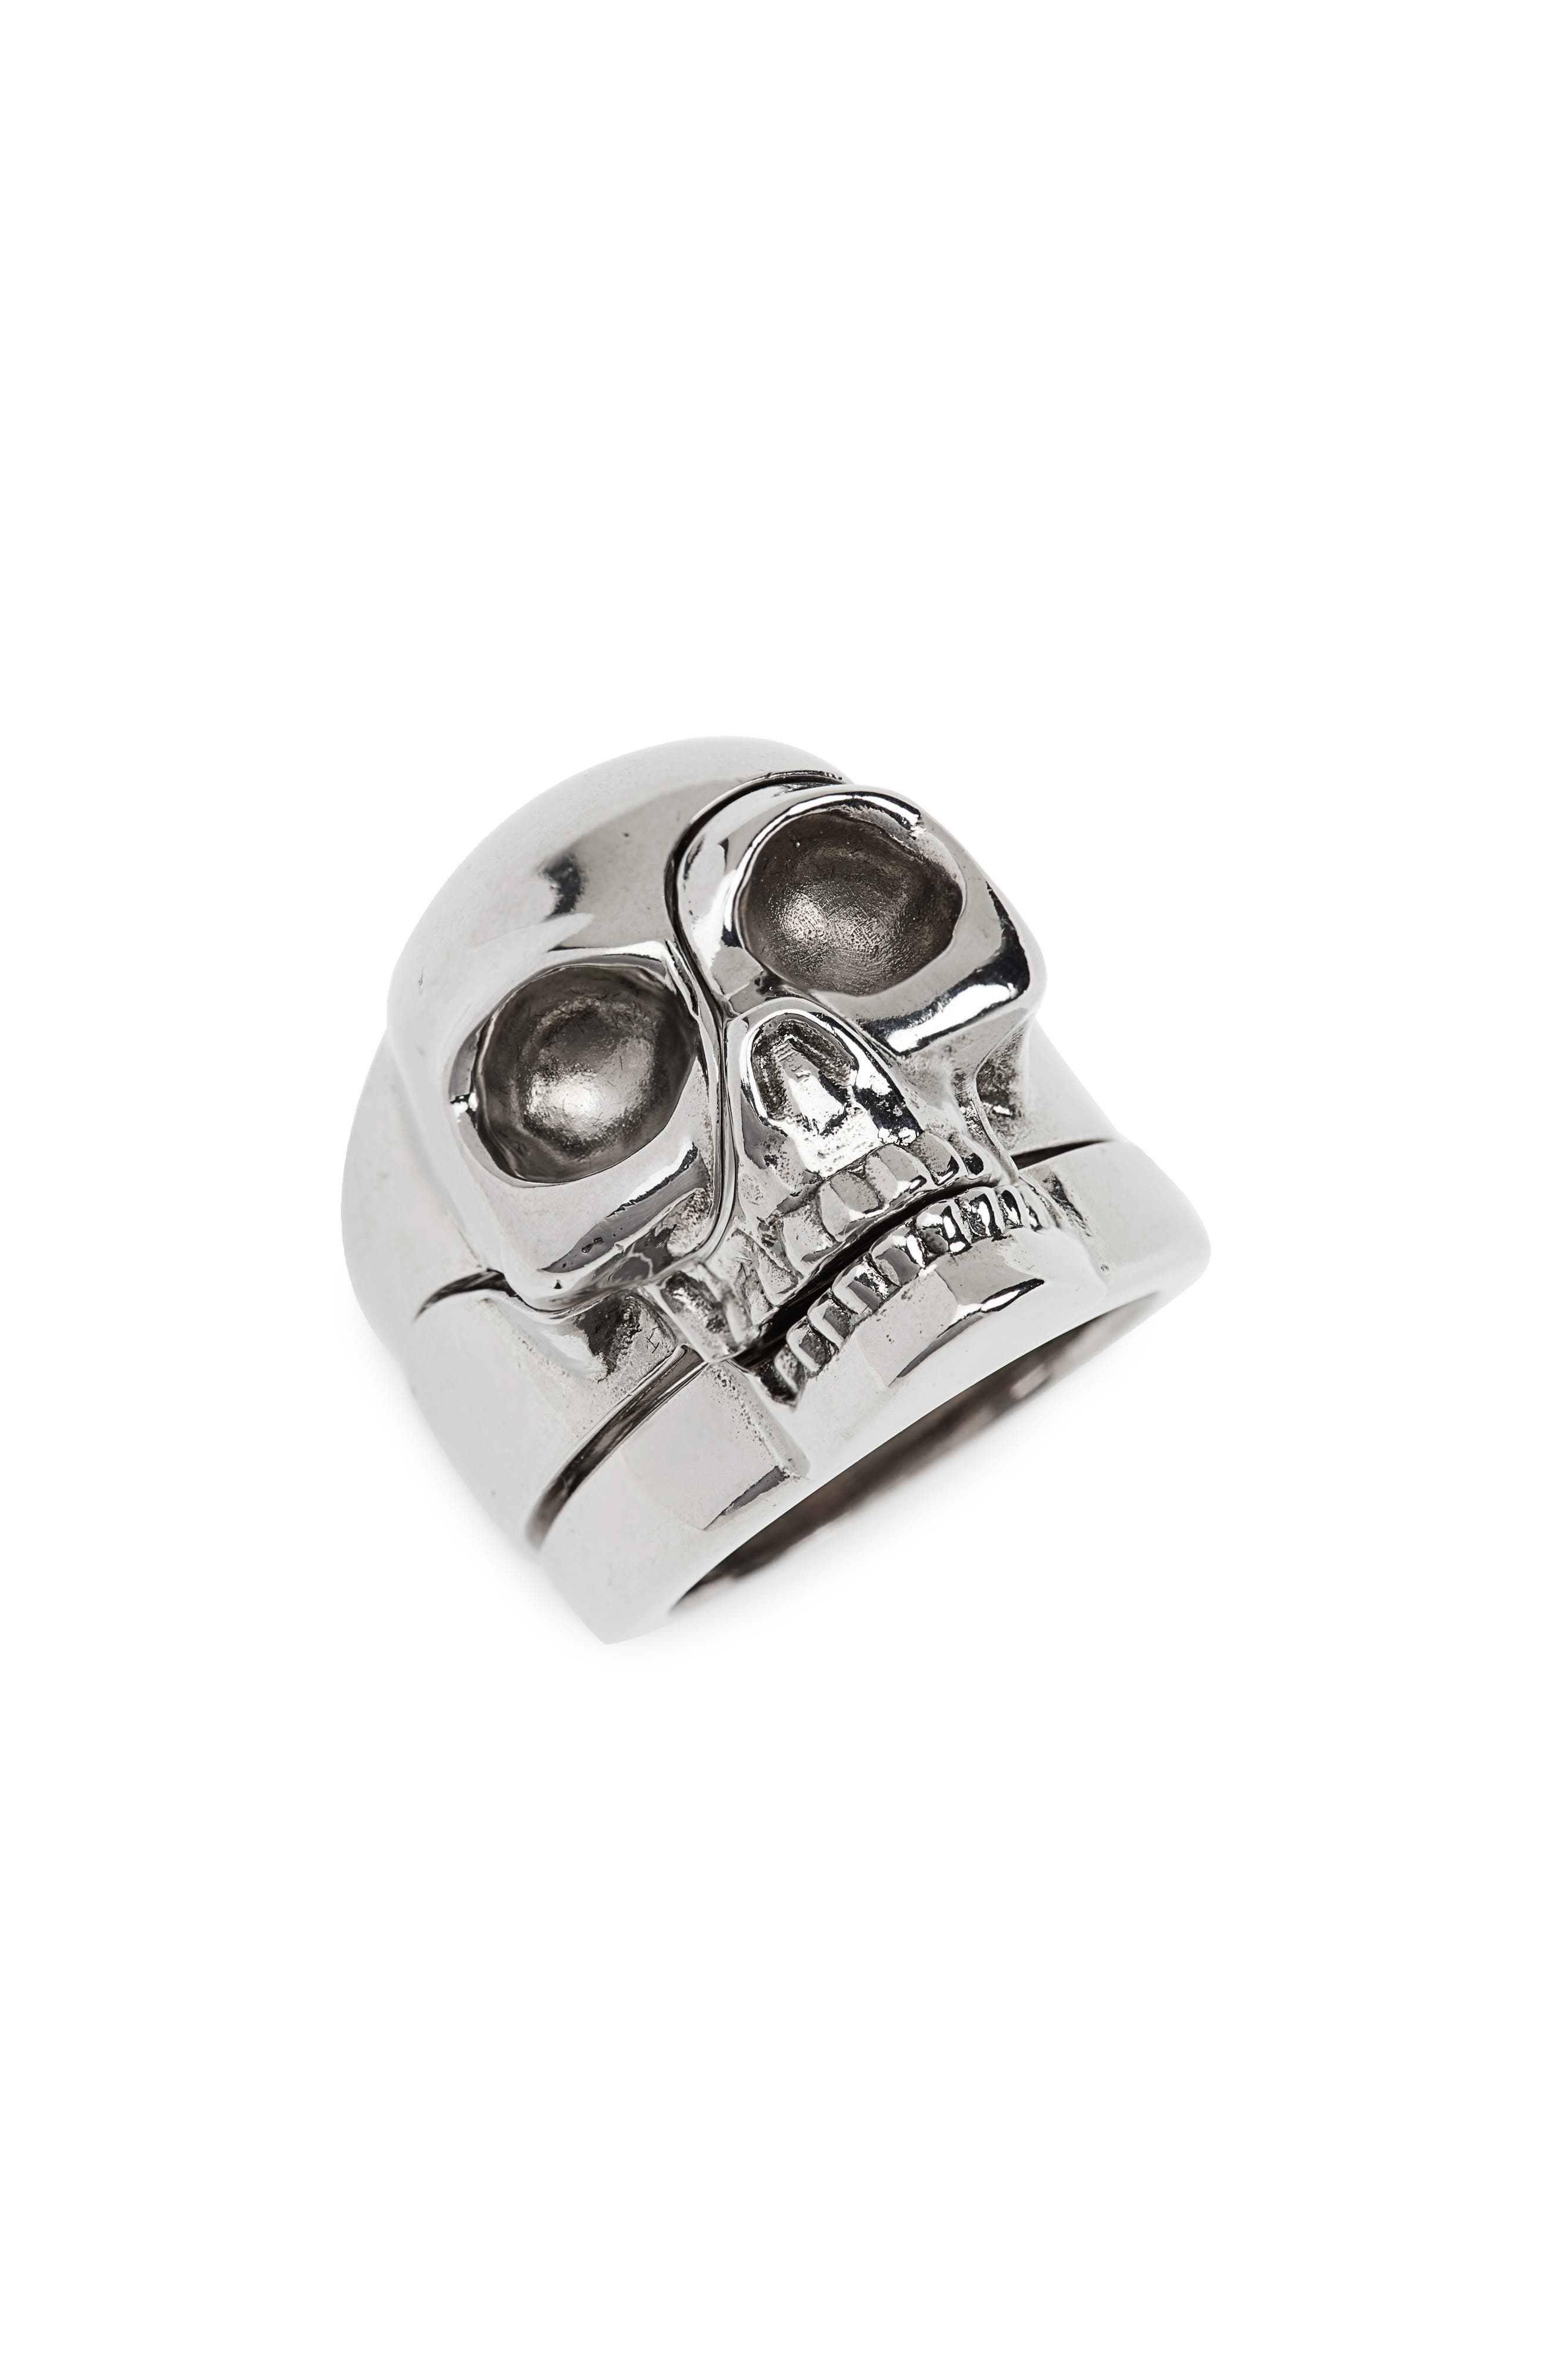 ALEXANDER MCQUEEN Divided Skull Ring, Main, color, 045